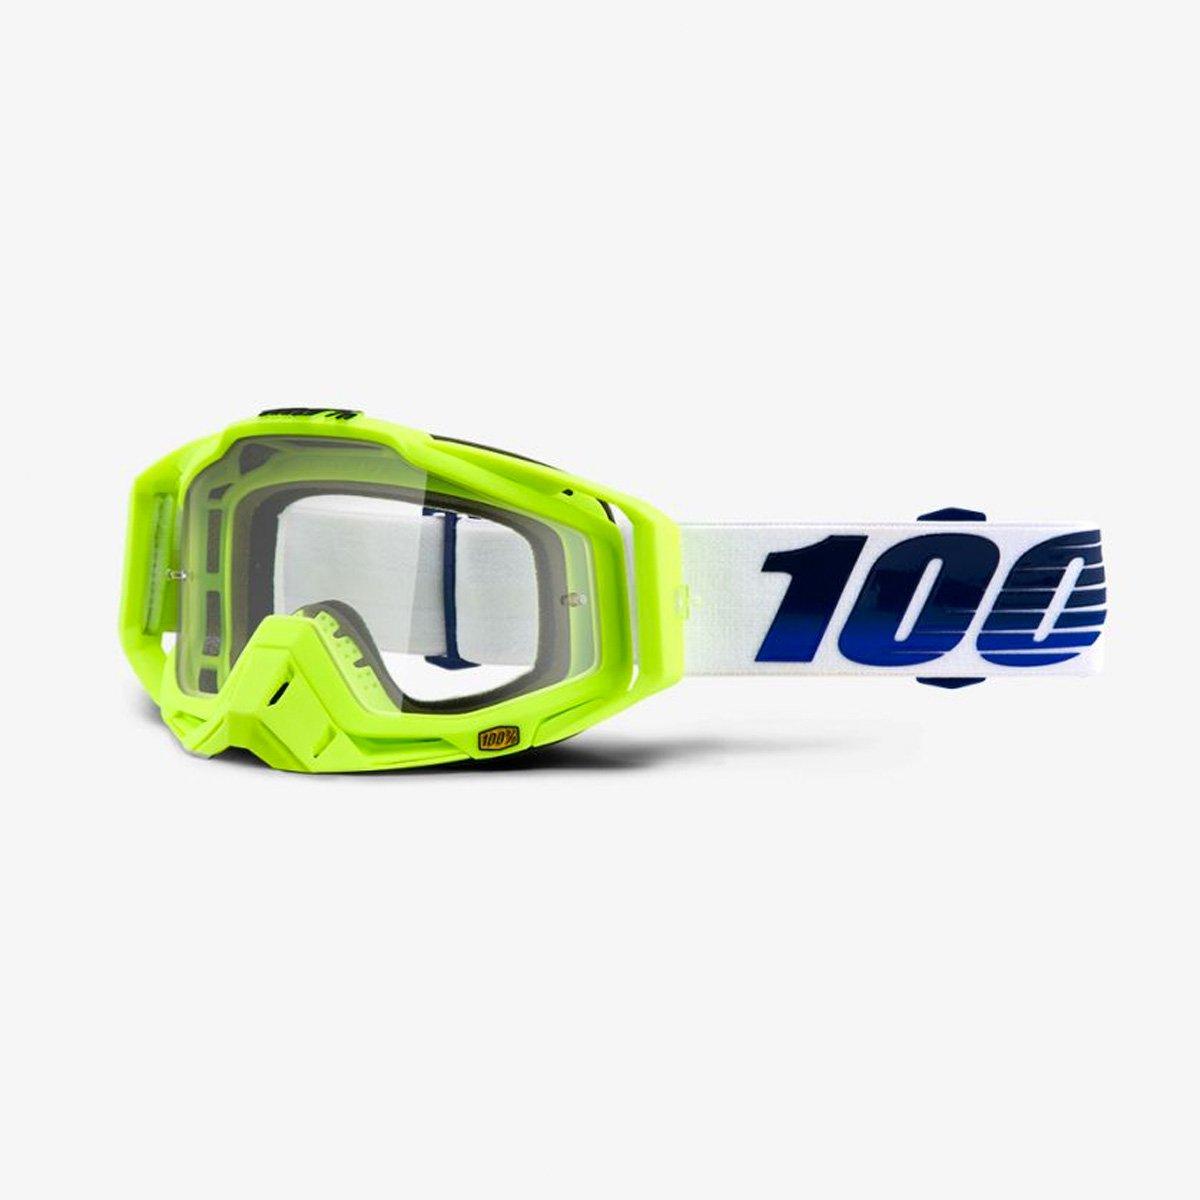 100 % Percent Racecraft Mountain Bike Goggle – クリアレンズ – 50100 ブルー B07B9QVCBDGP21 Clear Lens